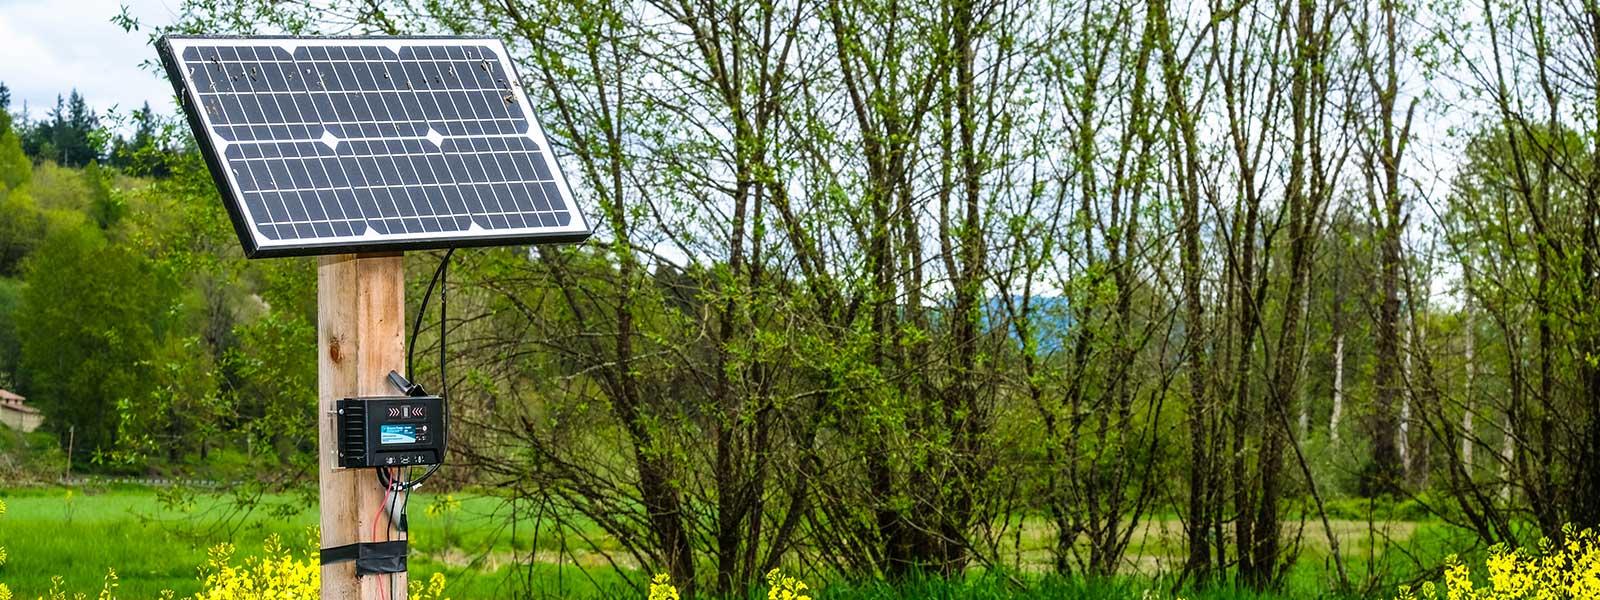 フィールドに設置された太陽電池パネル